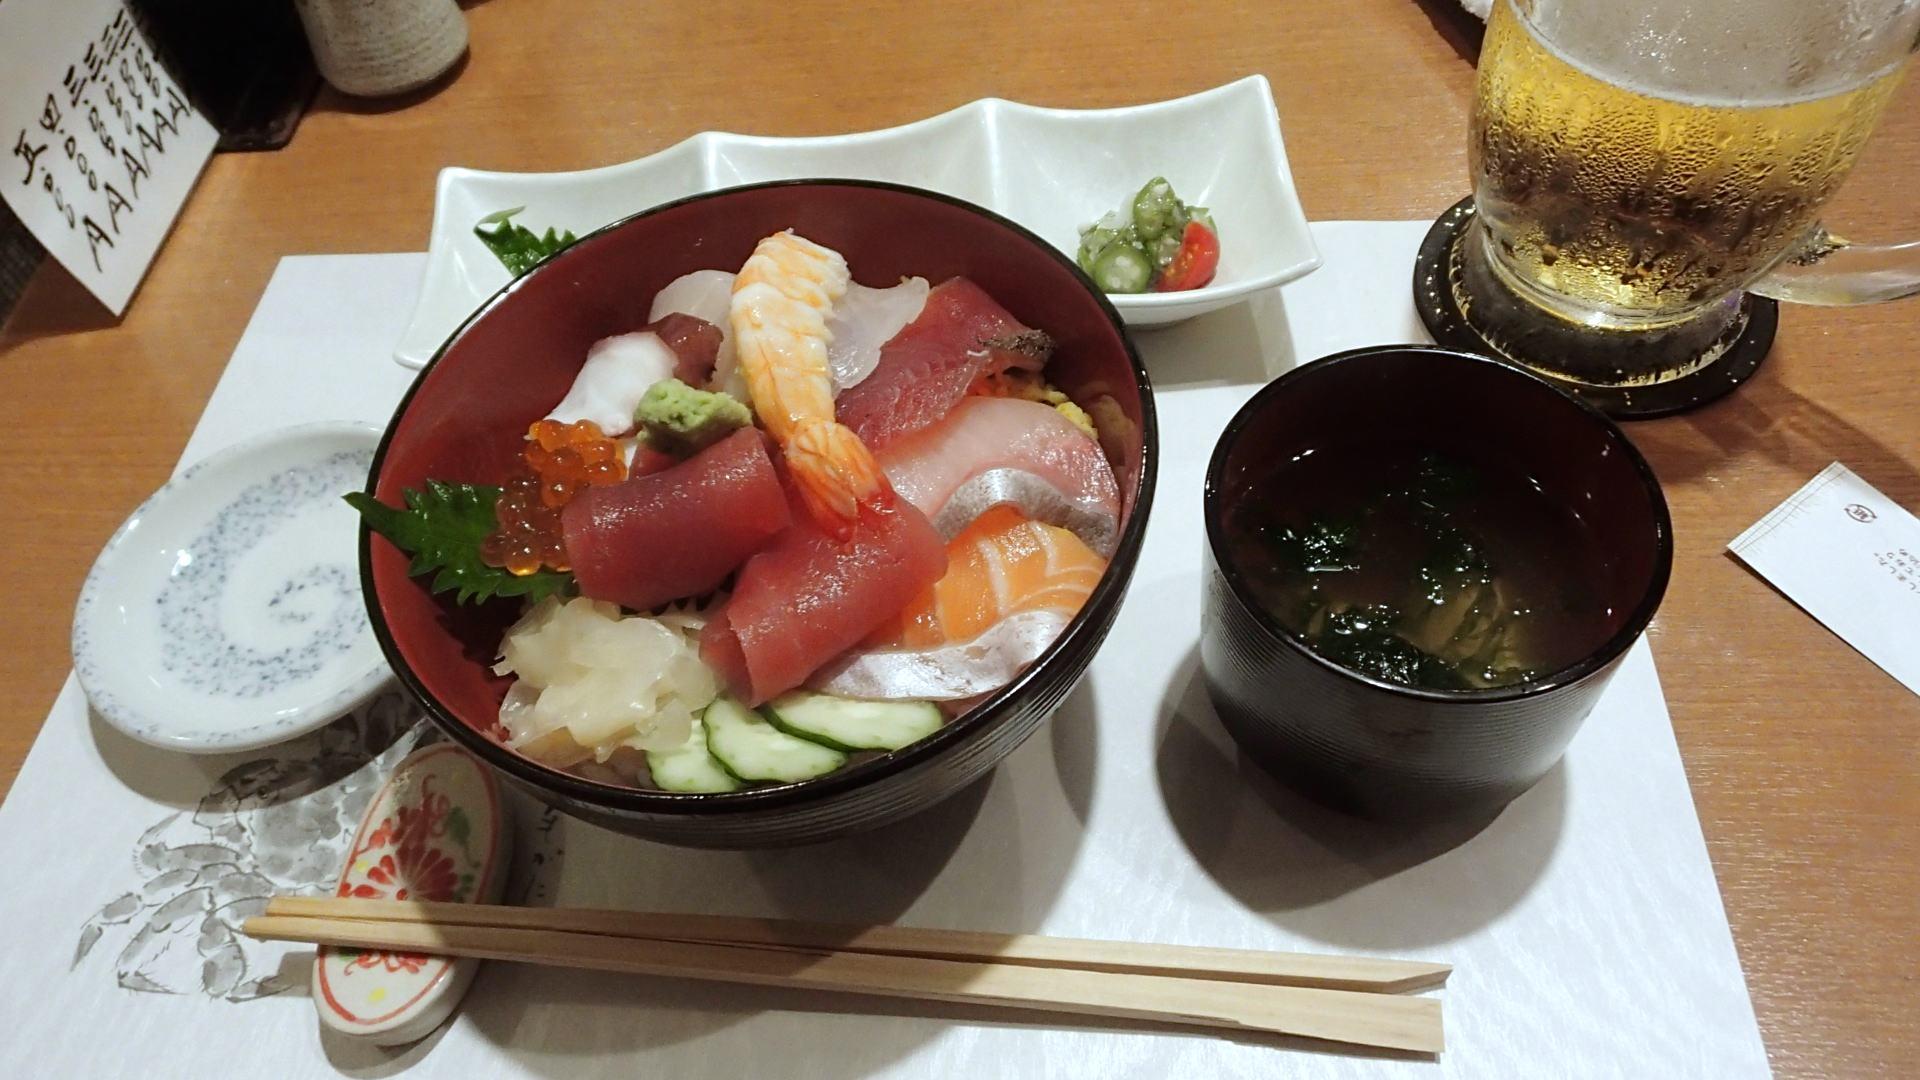 【那覇市 すしハウス】丼メニューも豊富で安い!新鮮なネタの格安お寿司をどうぞ!